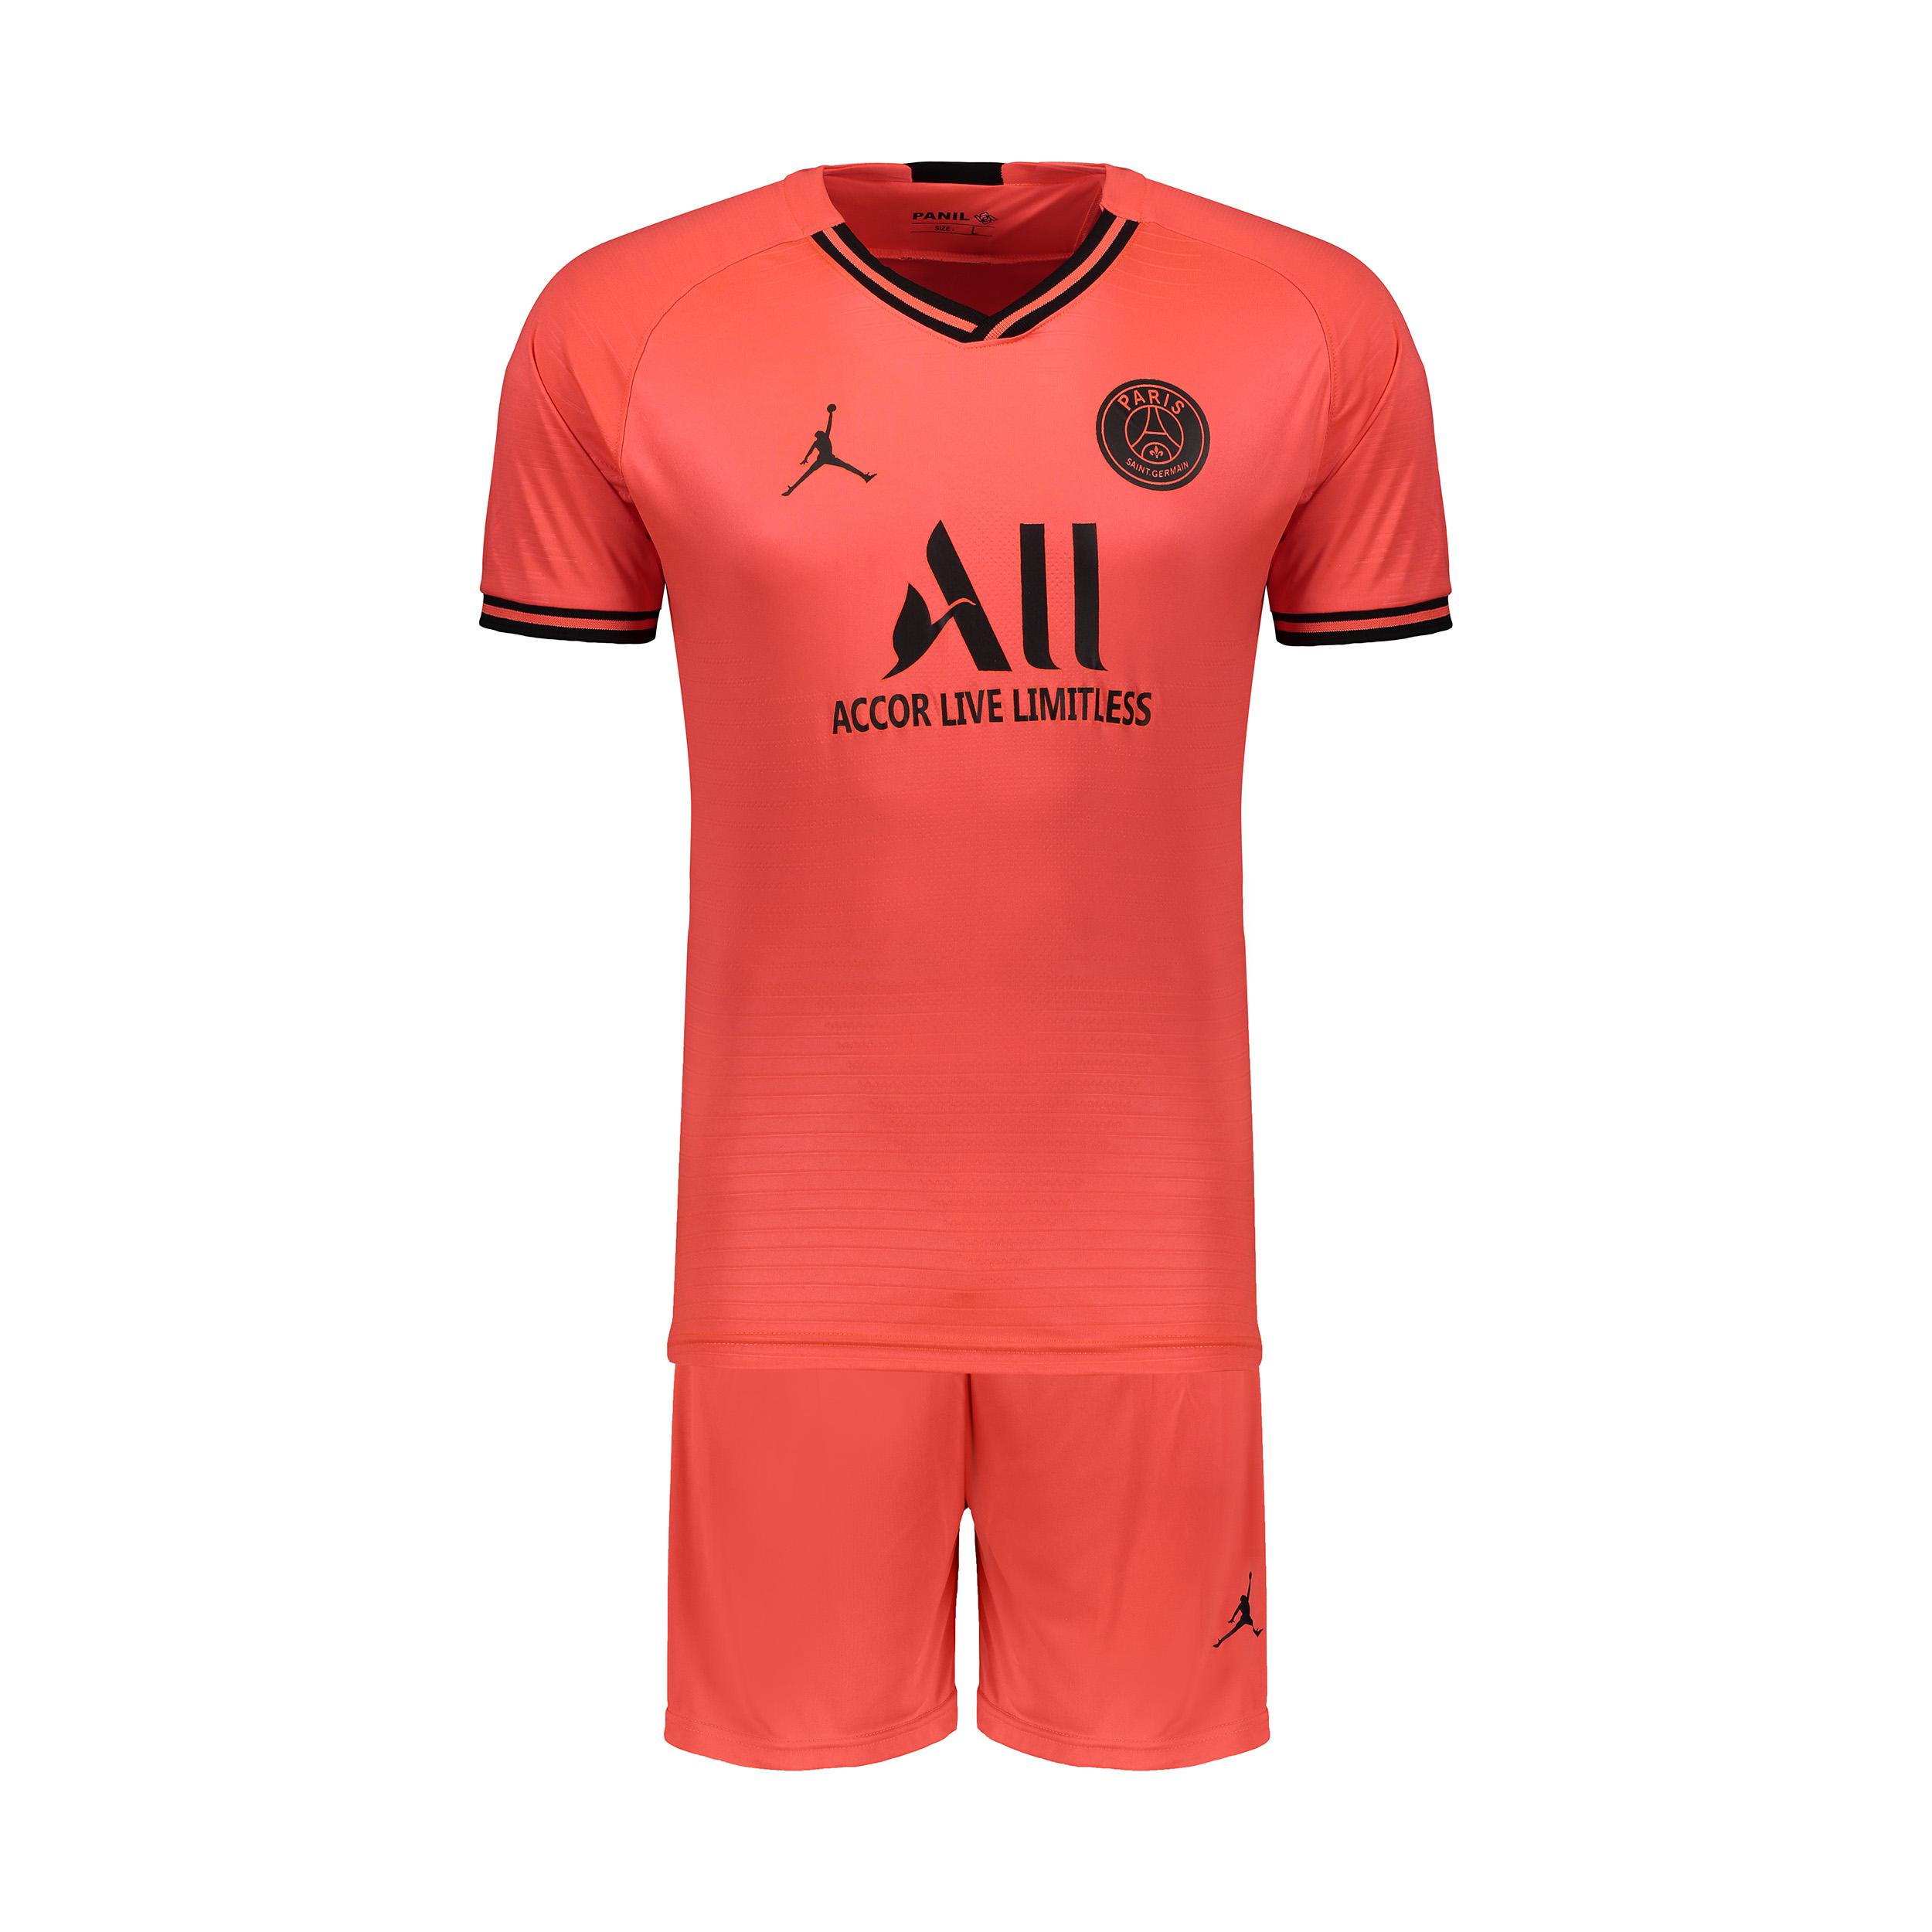 ست پیراهن و شورت ورزشی پسرانه پانیل طرح تیم پاریس کد 23082